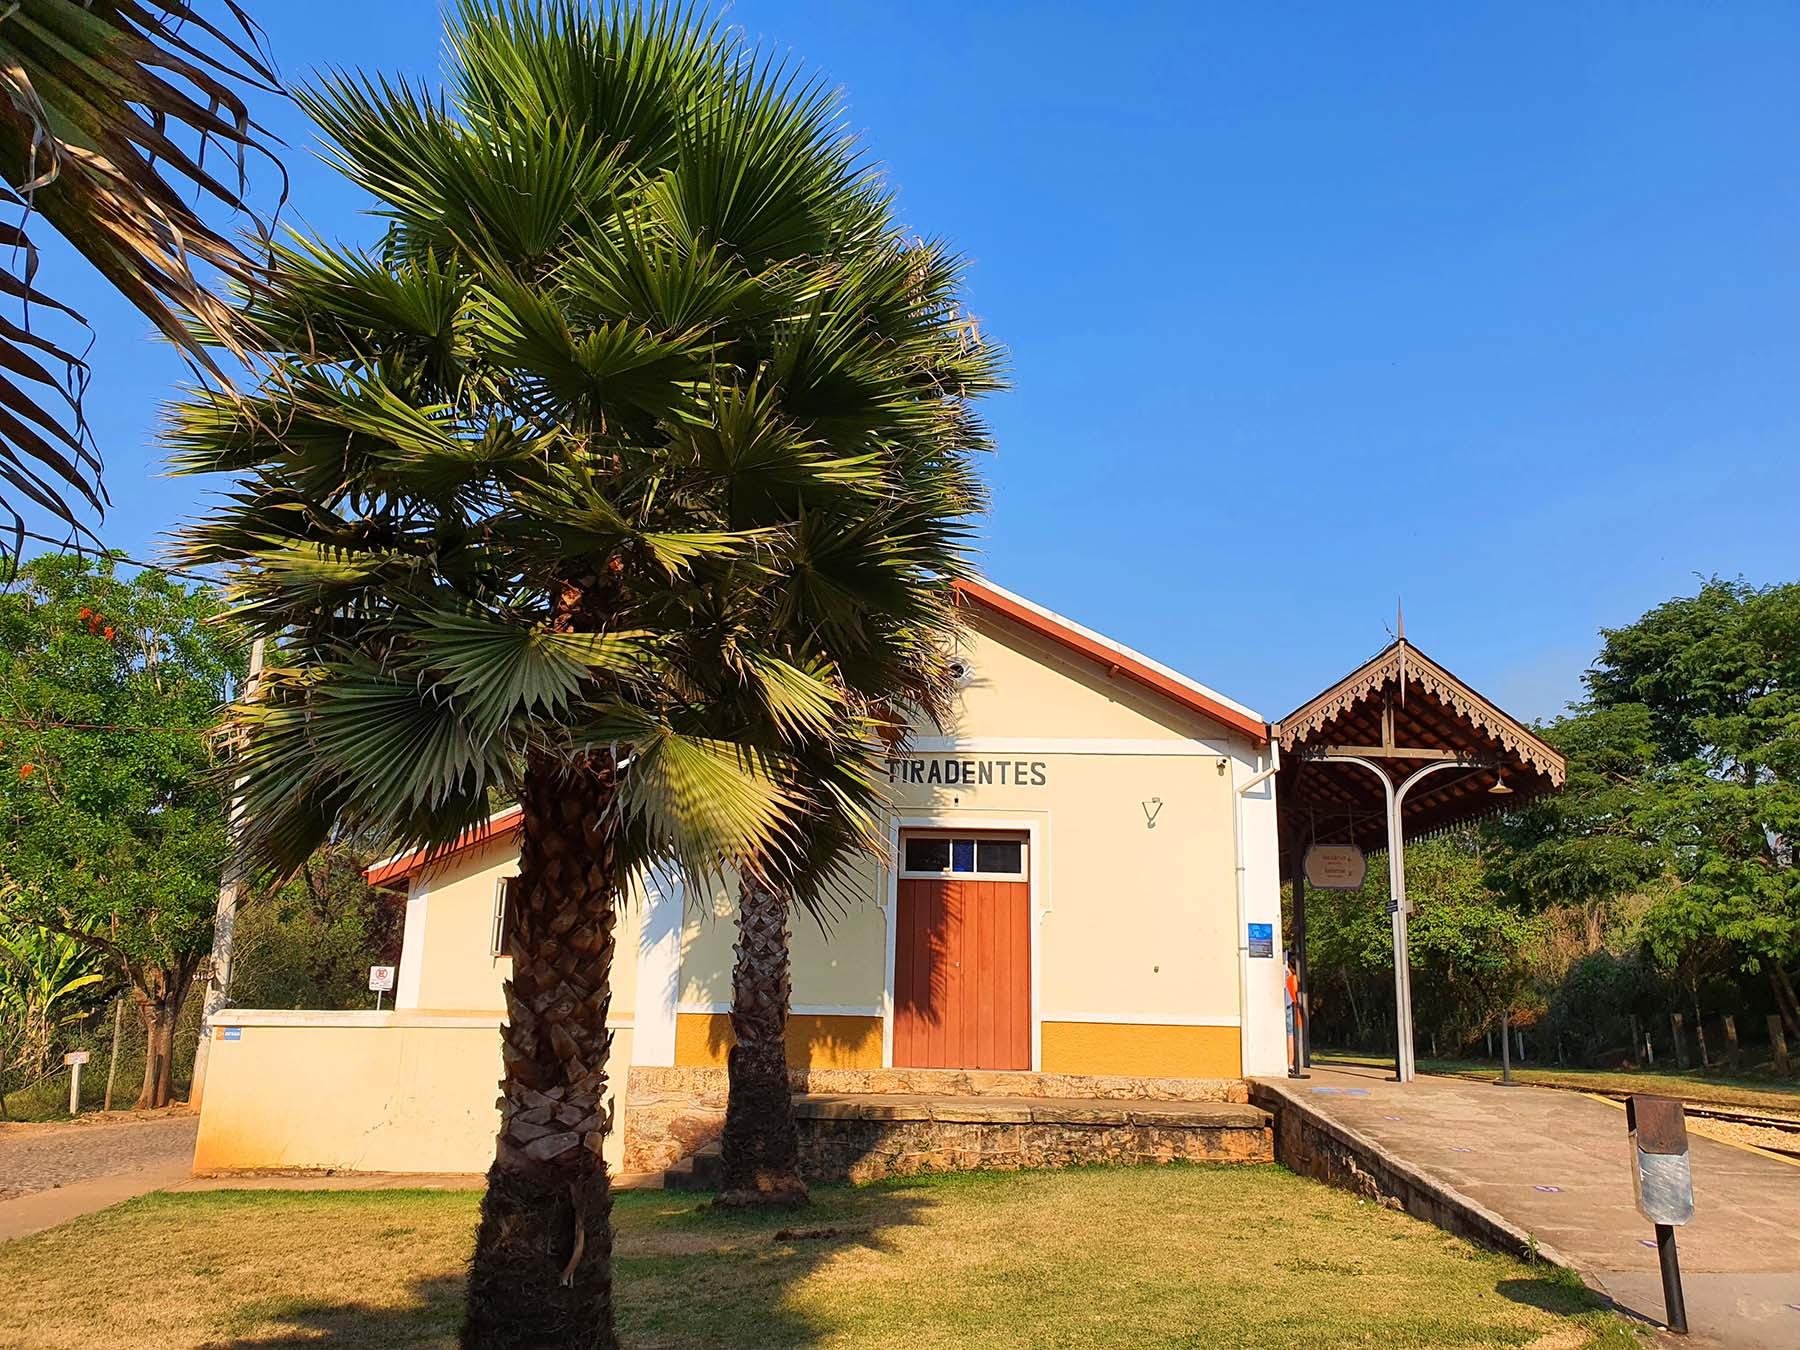 Onde ficar em Tiradentes, Minas Gerais